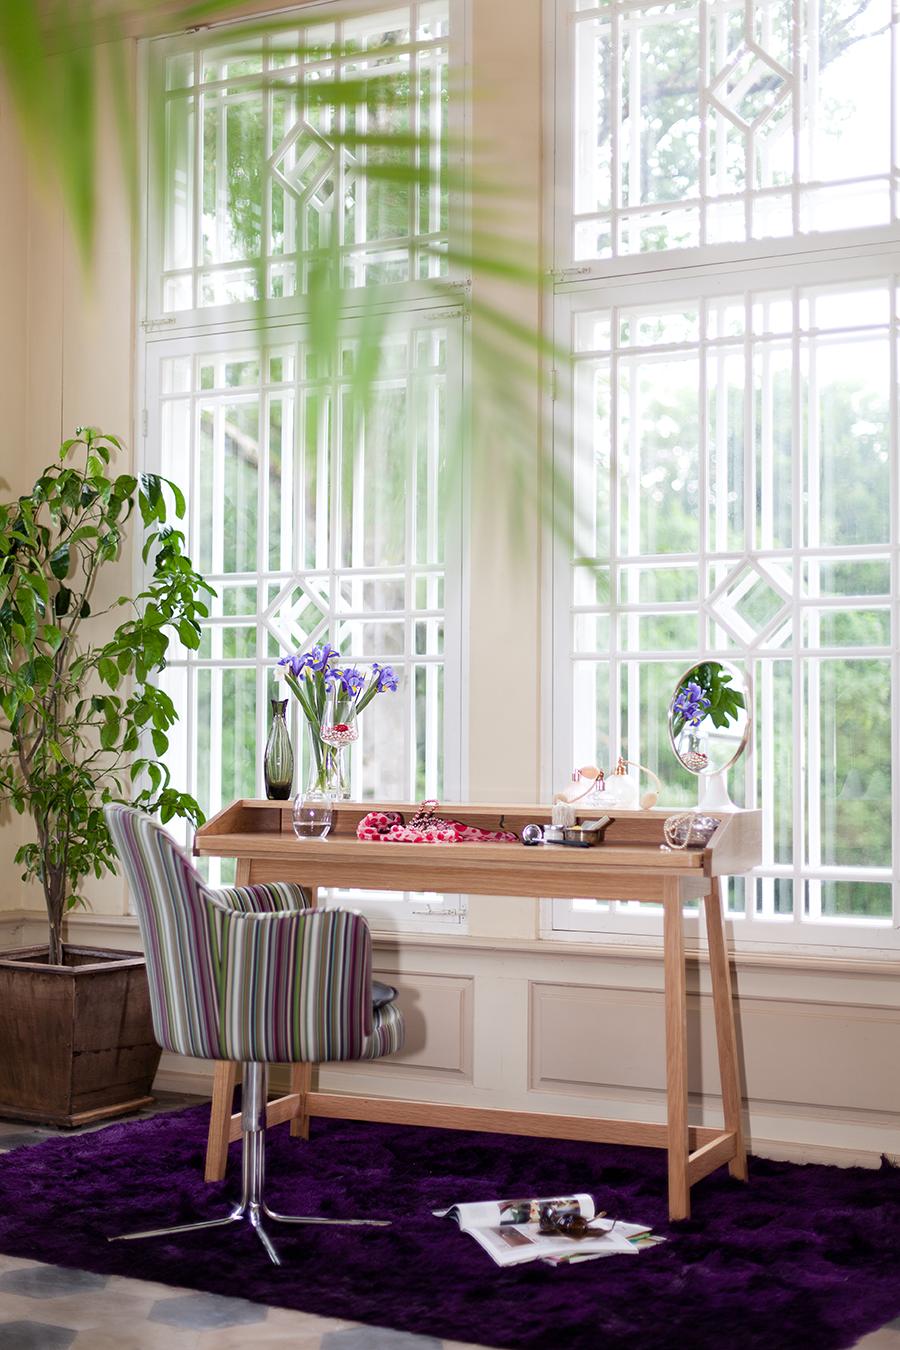 Gemütliches Arbeitszimmer gemütliches häusliches arbeitszimmer mit viel grün und holz